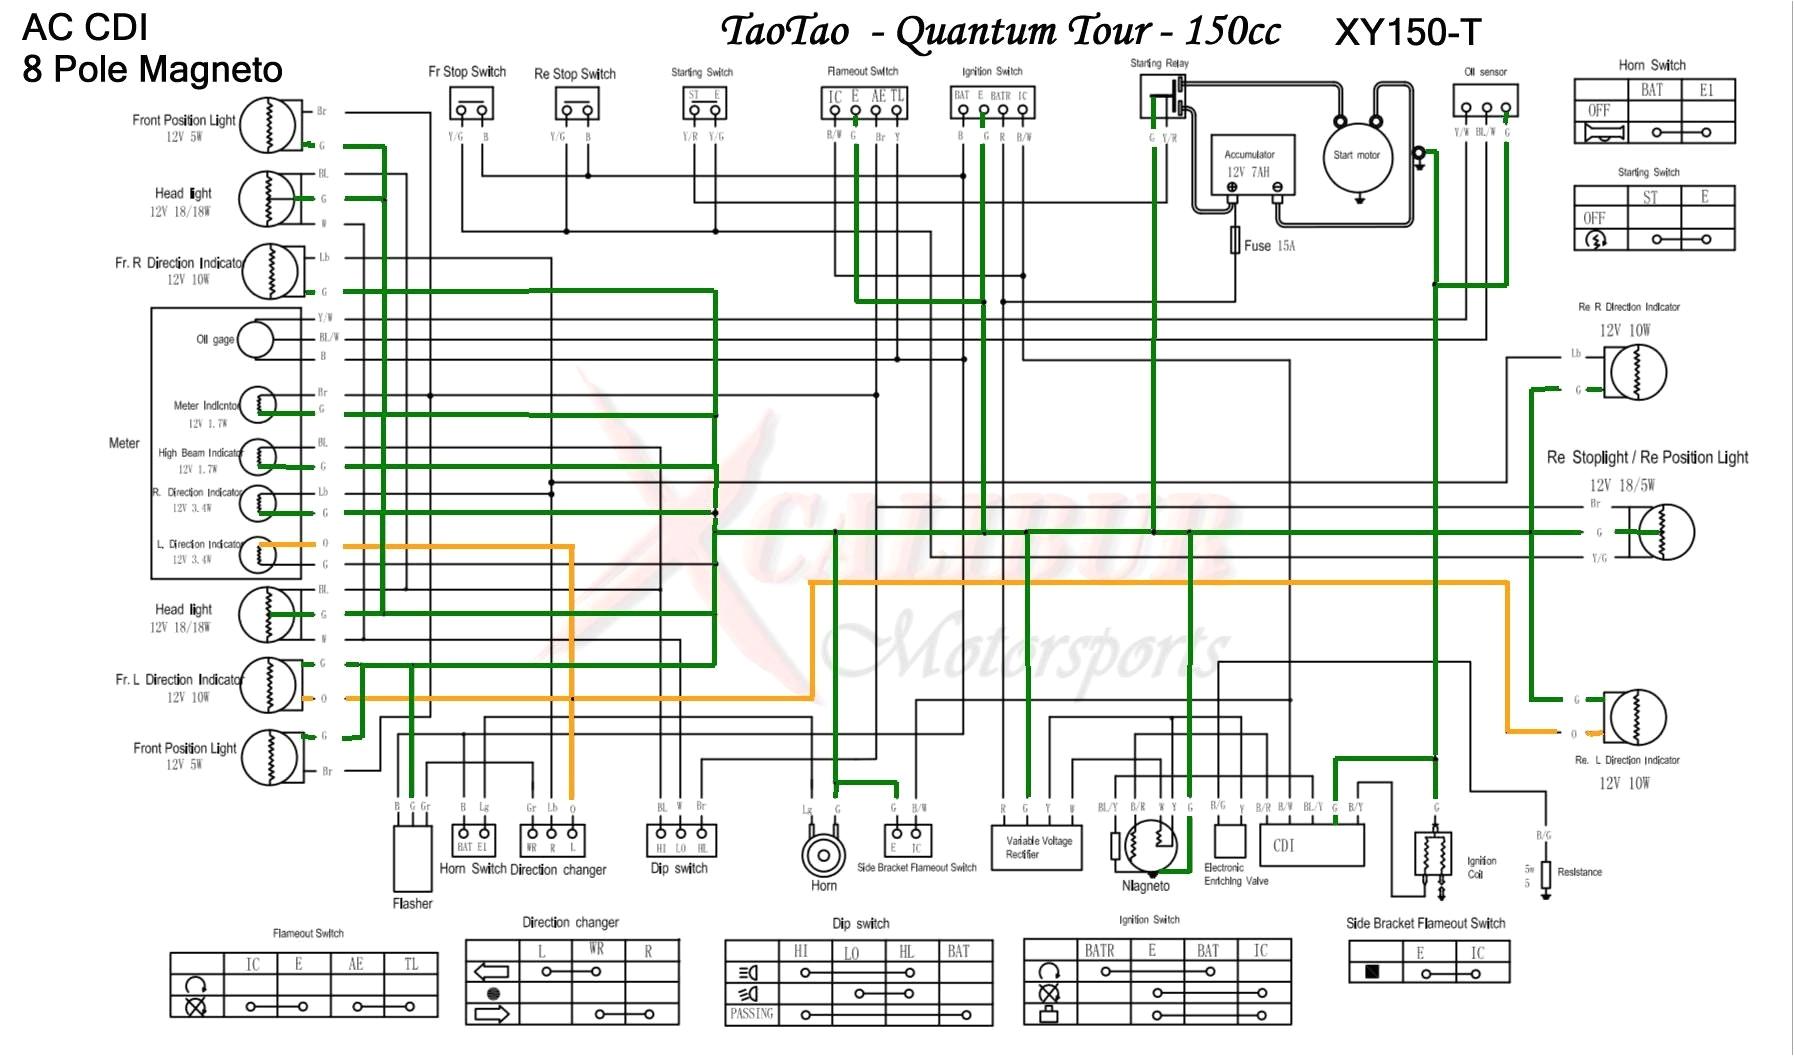 taotao 50cc engine diagram wiring diagram sample taotao electric scooter wiring diagram taotao scooter wiring diagram